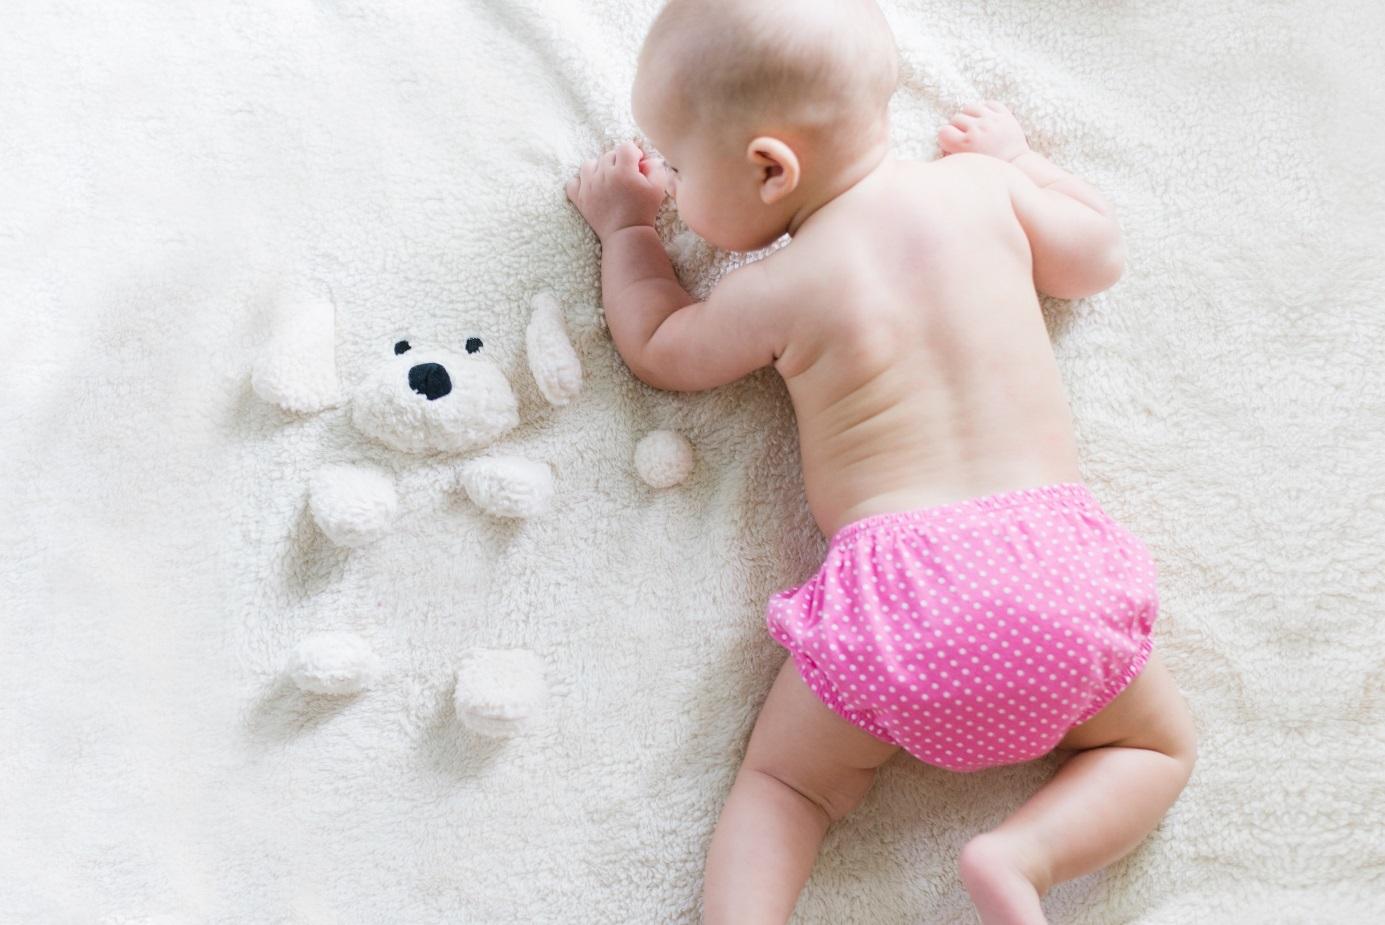 Ein Baby krabbelt auf einer Decke.